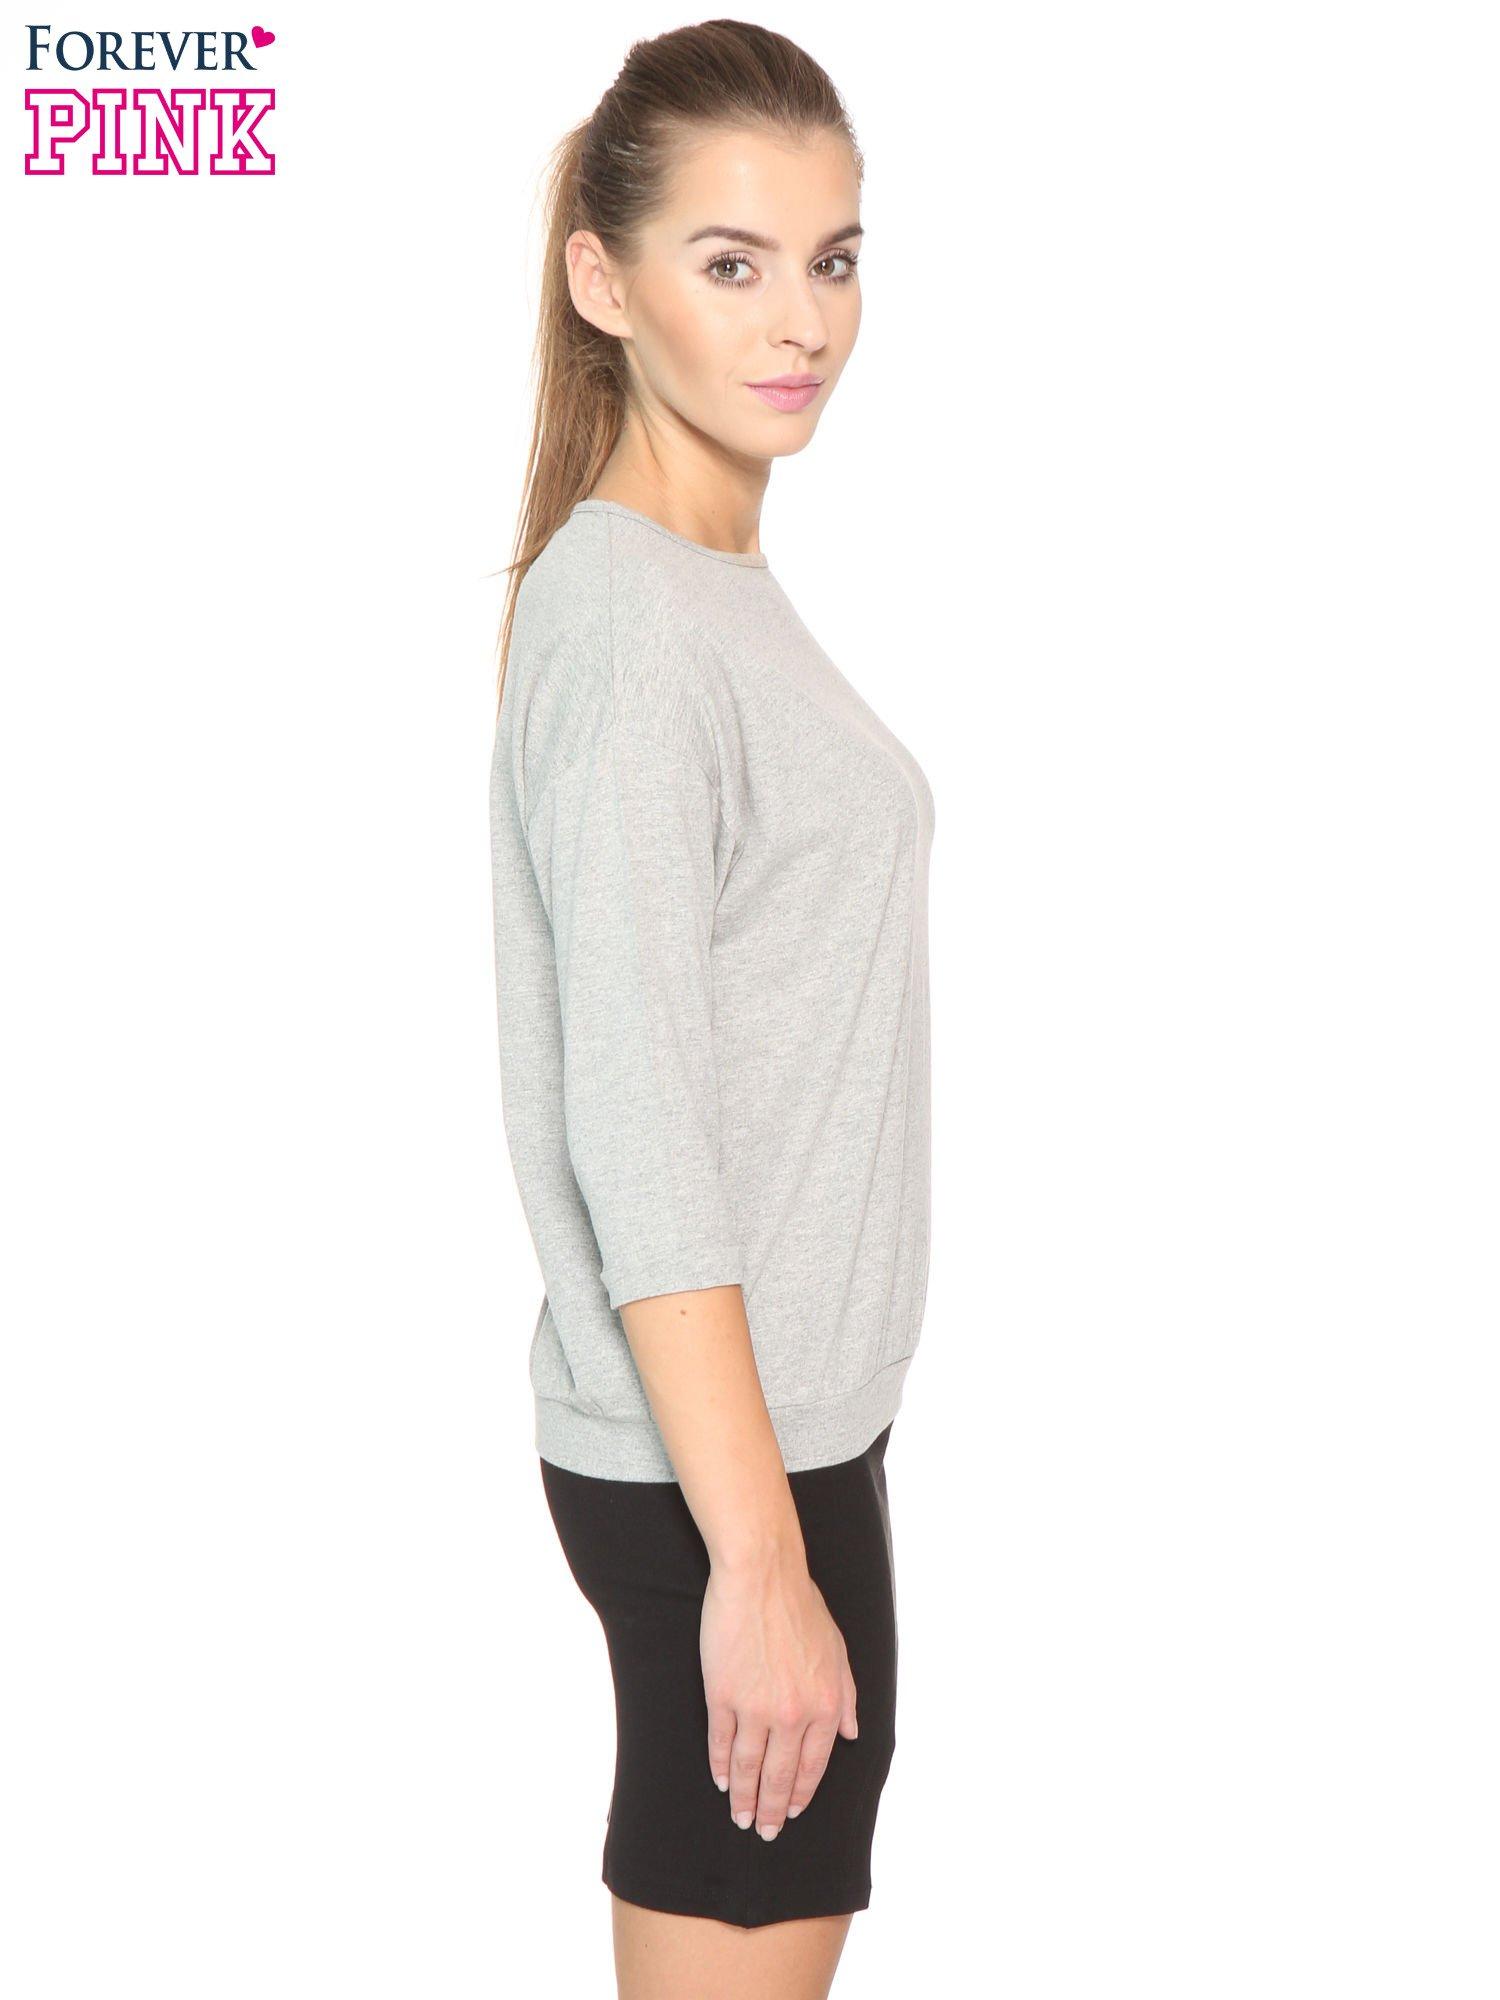 Ciemnoszara bluzka z rękawem 3/4 i lekkim ściągaczem na dole                                  zdj.                                  2